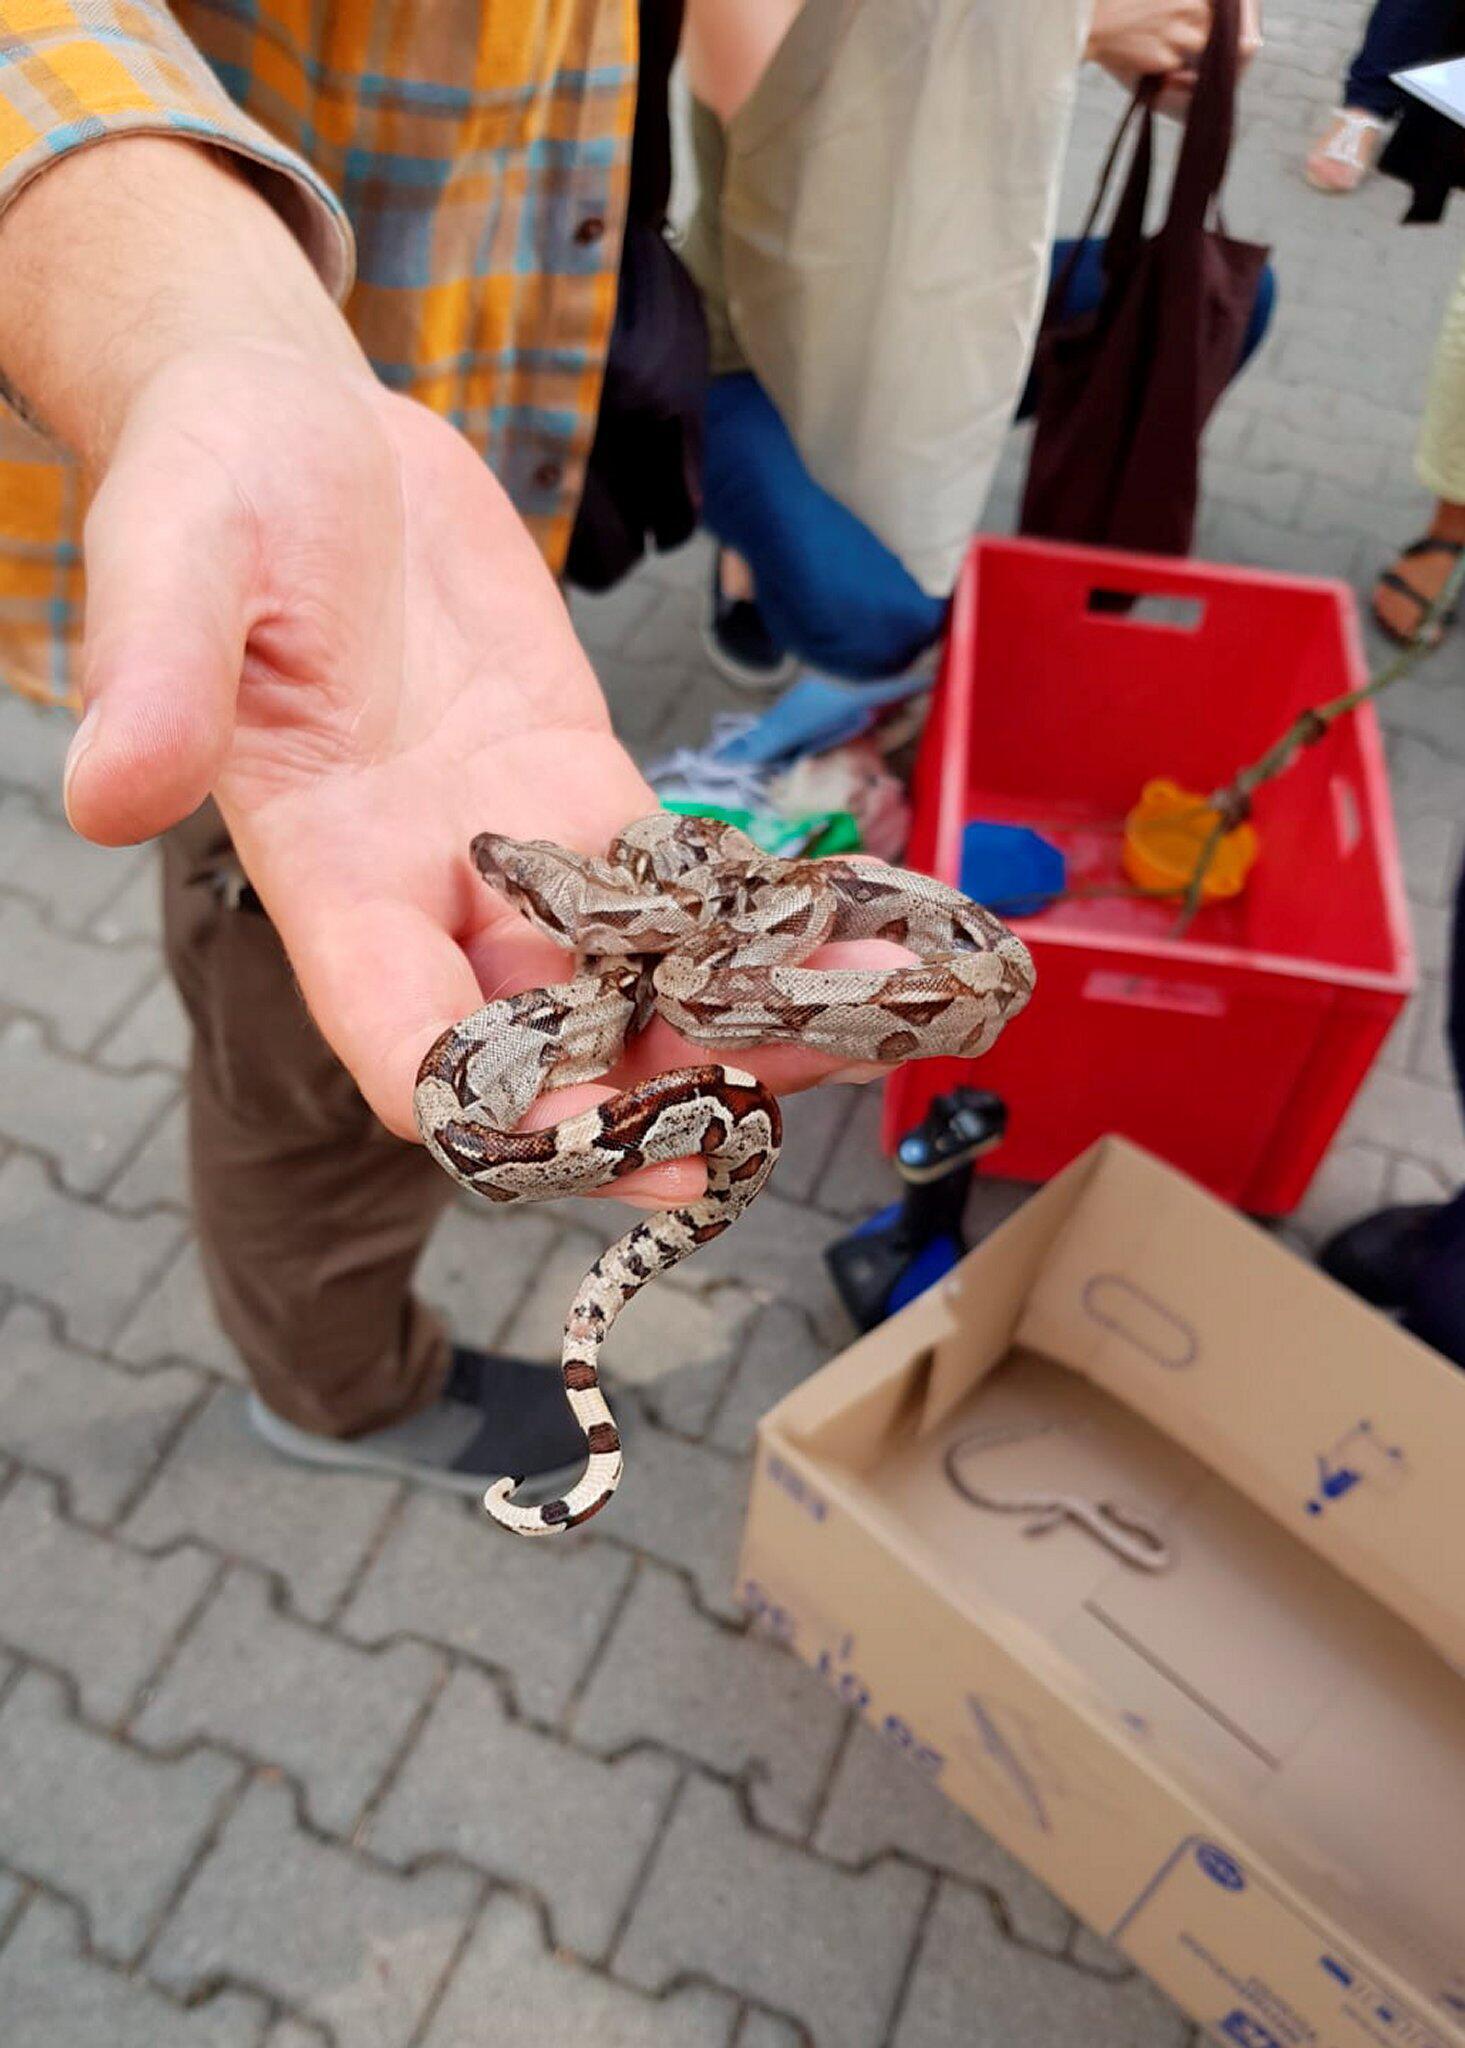 Bild zu Schlangen im Kindergarten